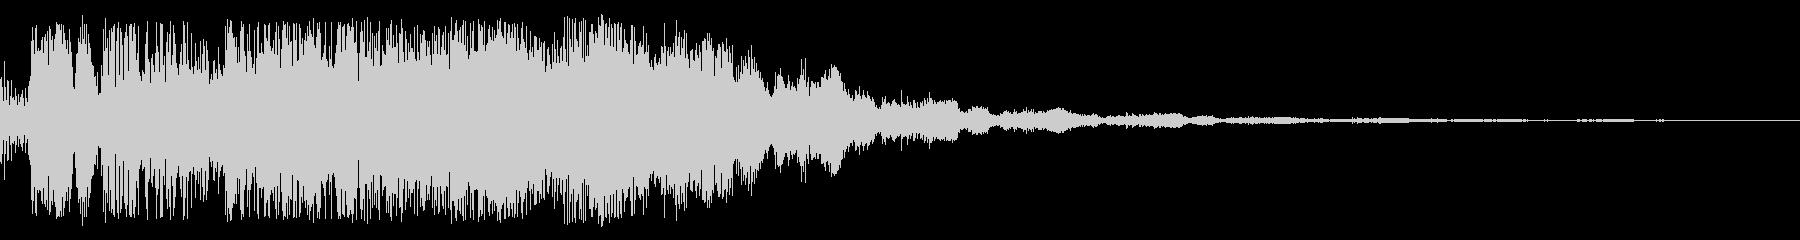 ステータスアップ時のサウンドの未再生の波形